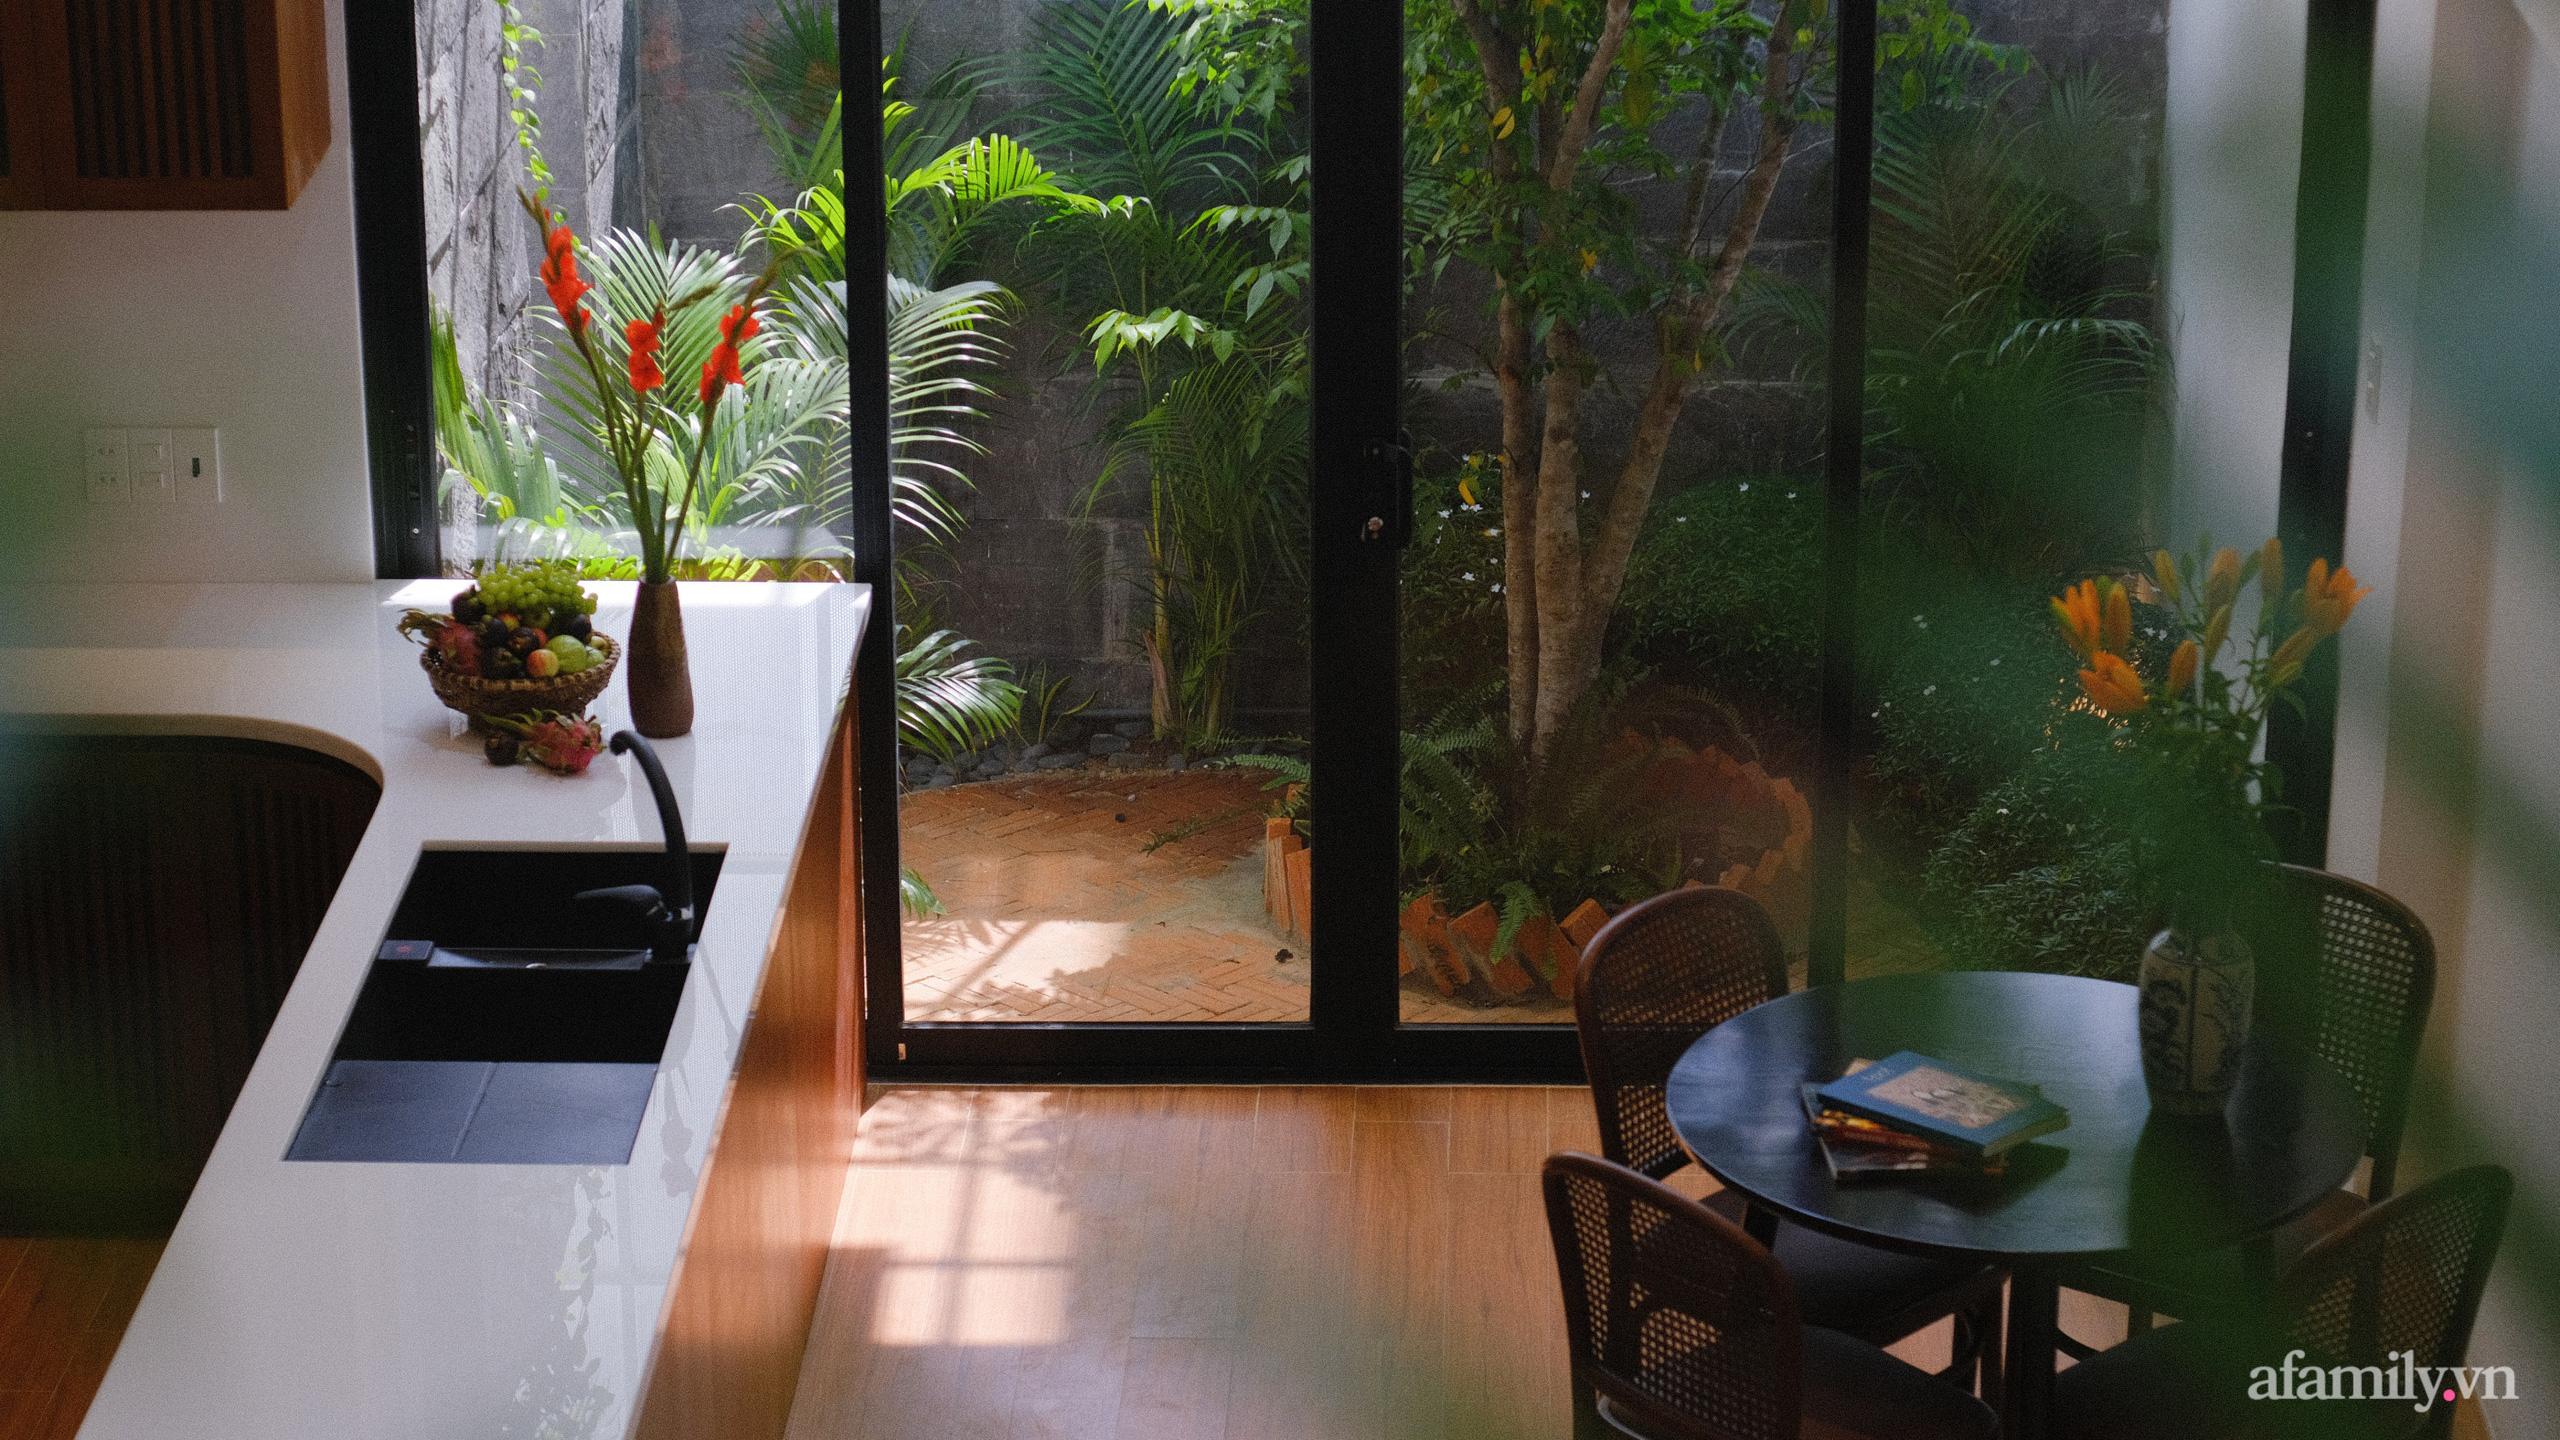 Nhà phố hướng Tây vẫn mát mẻ không cần điều hòa nhờ thiết kế gần gũi với thiên nhiên ở Nha Trang - Ảnh 11.